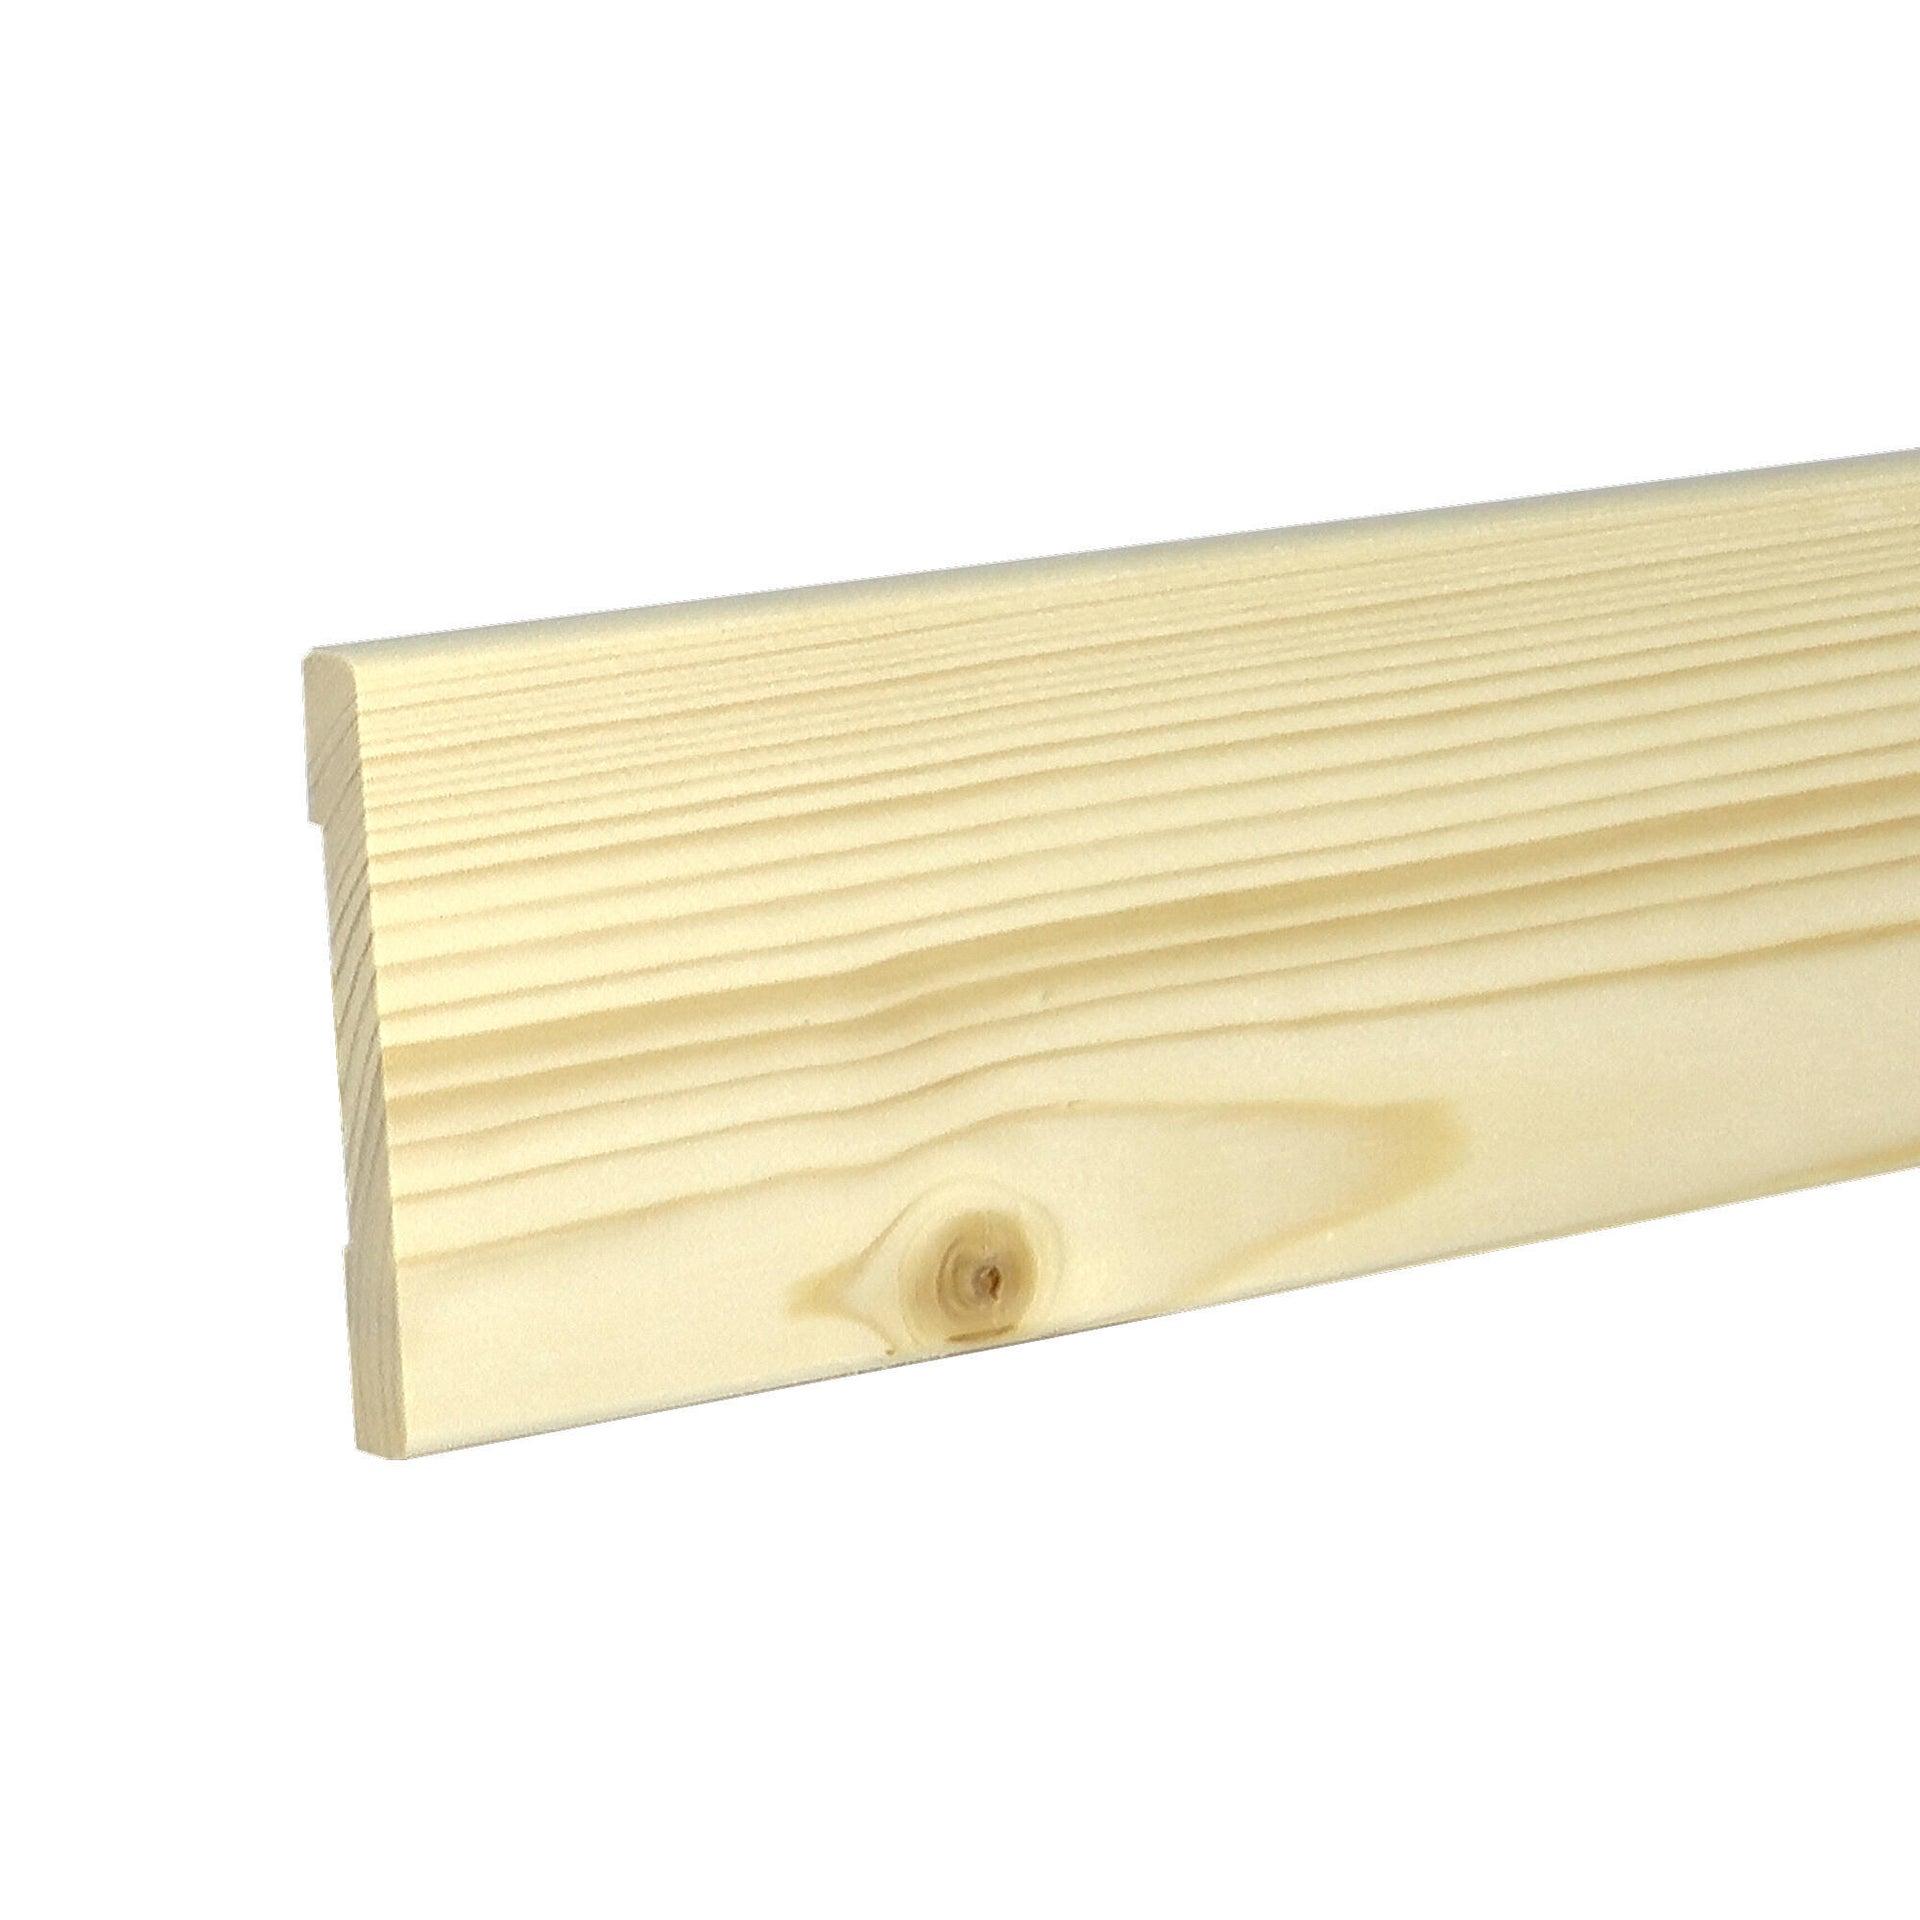 Coprifilo Beethoven in legno legno massello naturale L 2250 x P 10 x H 70 mm - 4